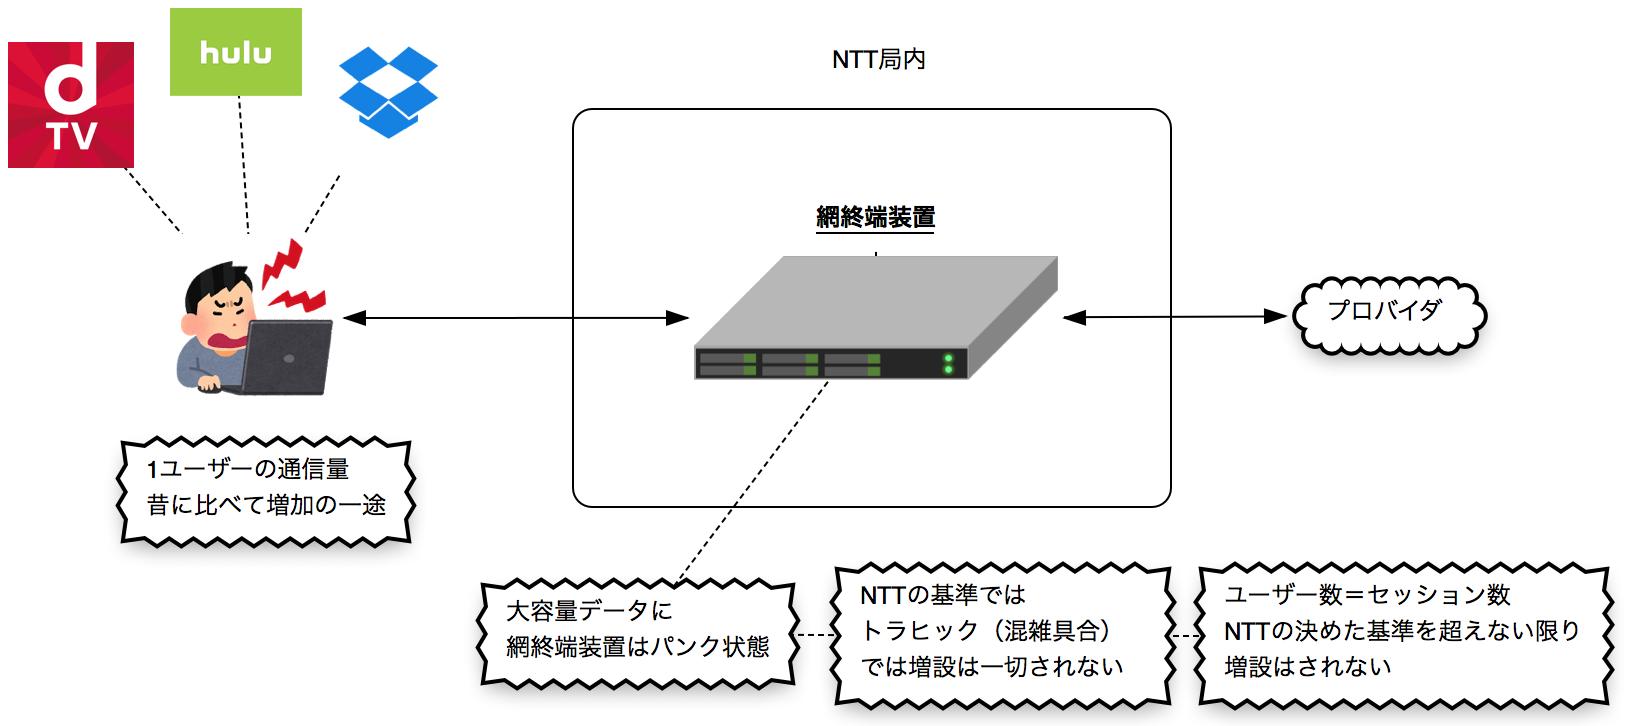 網終端装置の増設はNTT基準のセッション数